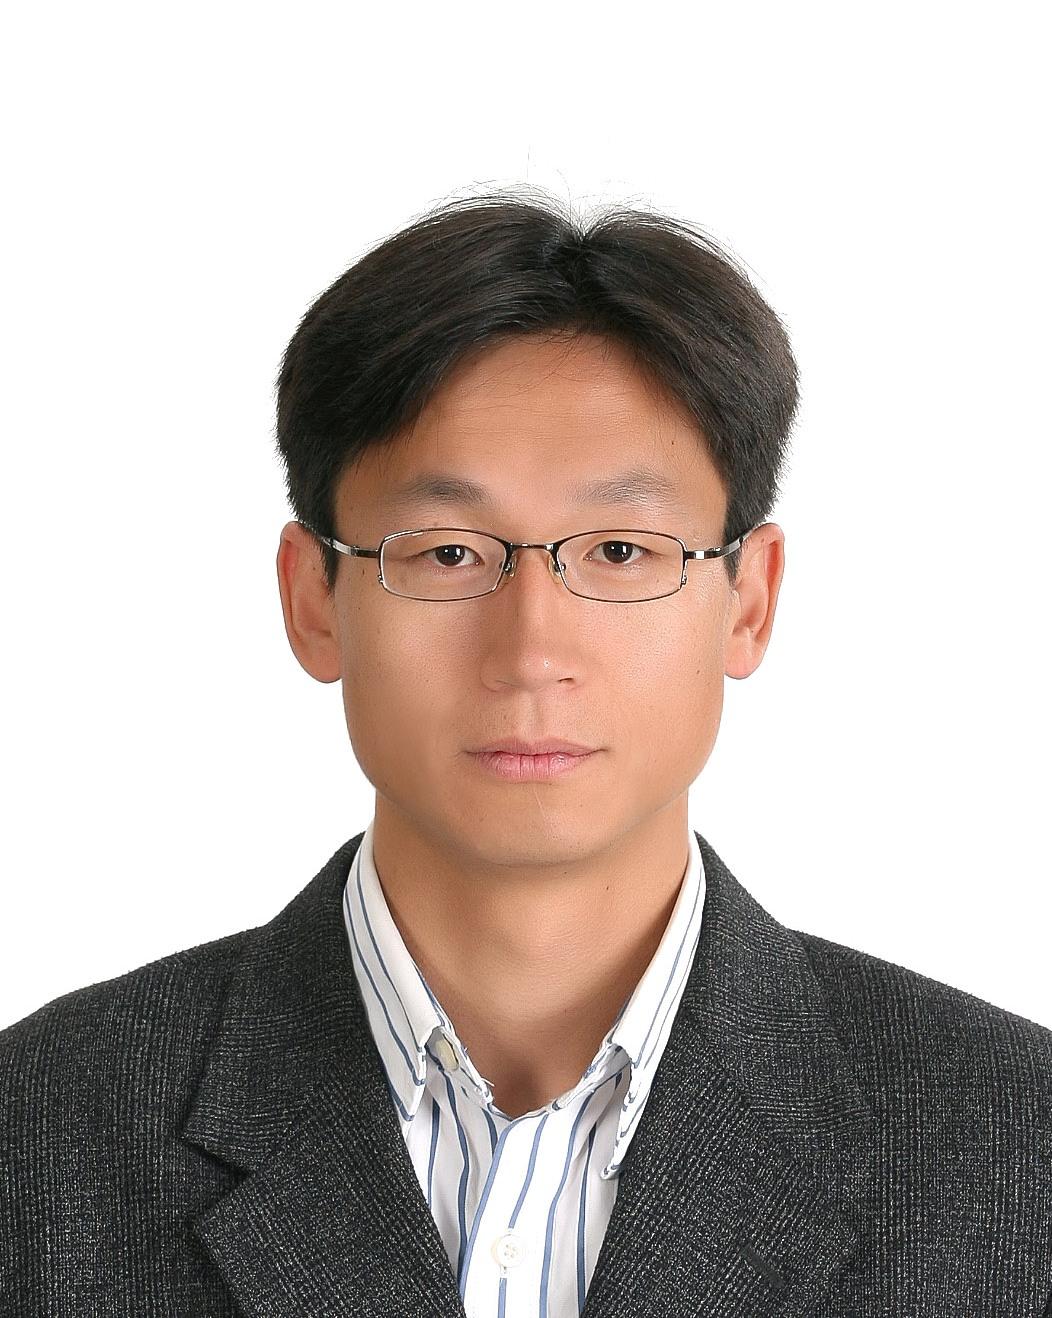 김봉수(金奉帥) 교수님 사진